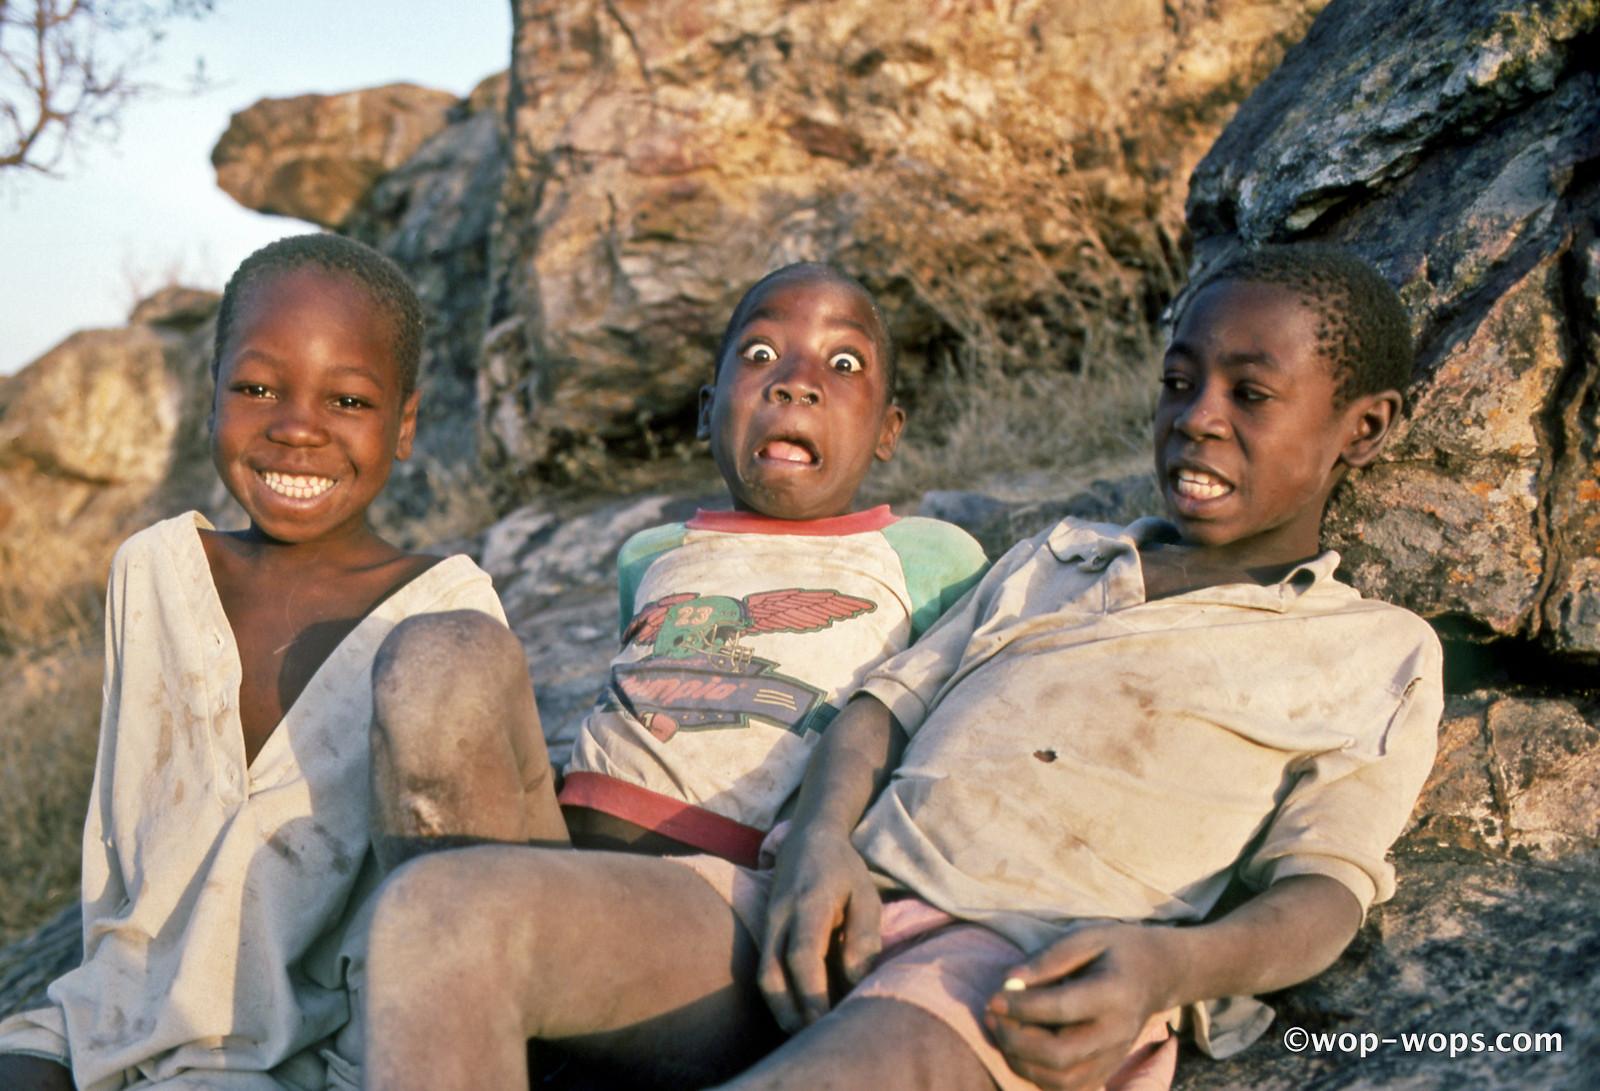 tour guides Hombori, Cameroon, 1995